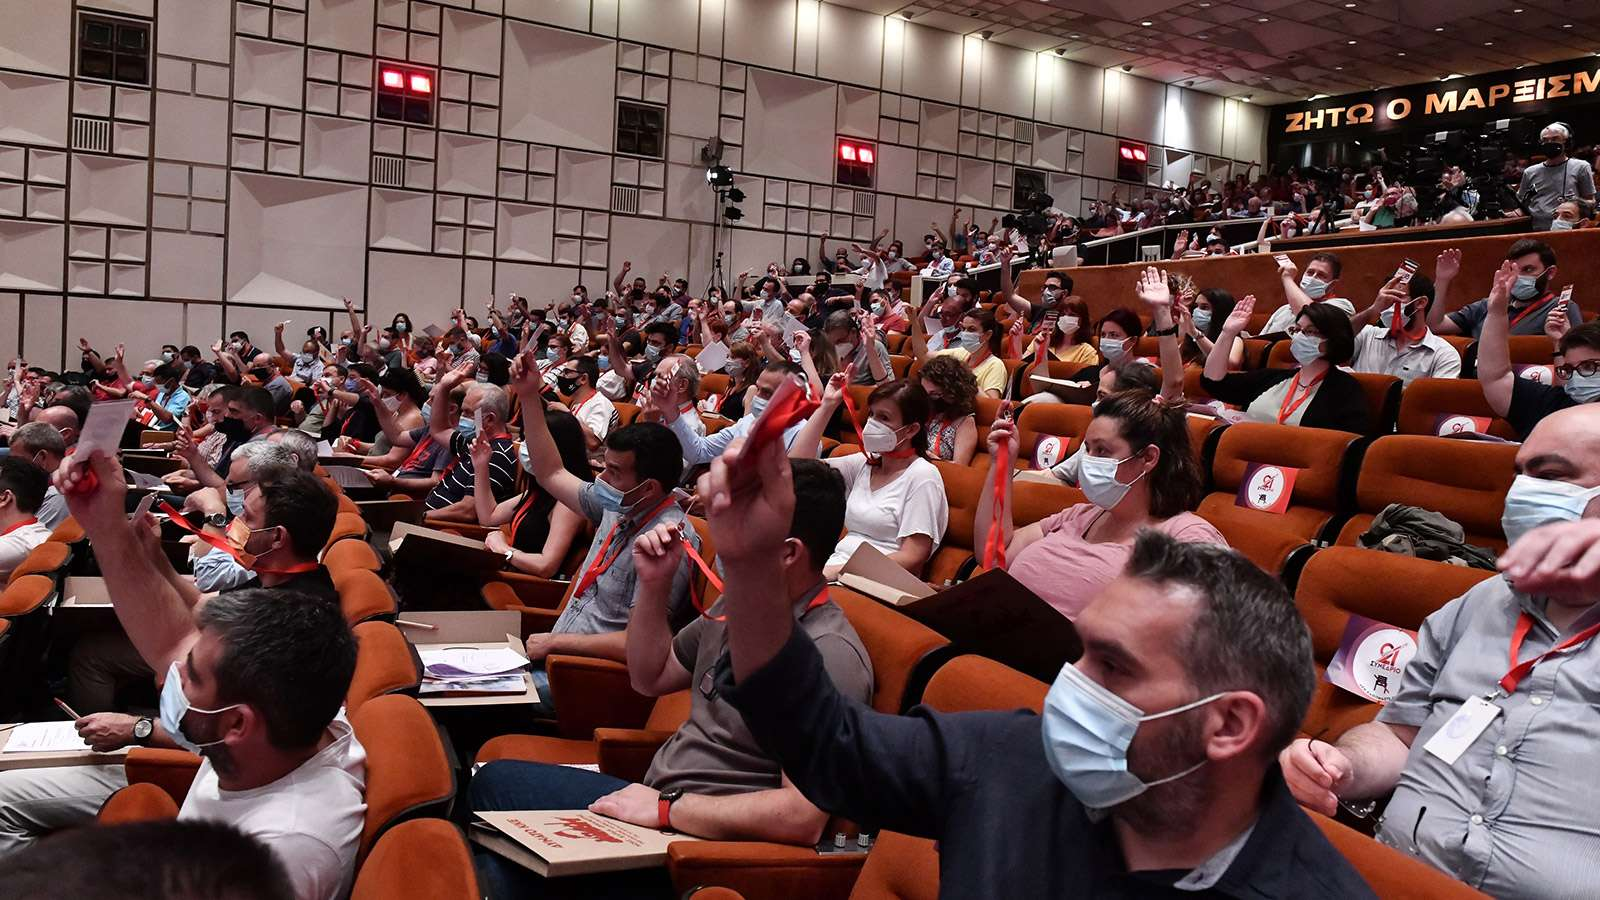 21ο Συνέδριο Εισήγηση ΚΕ ψηφοφορία